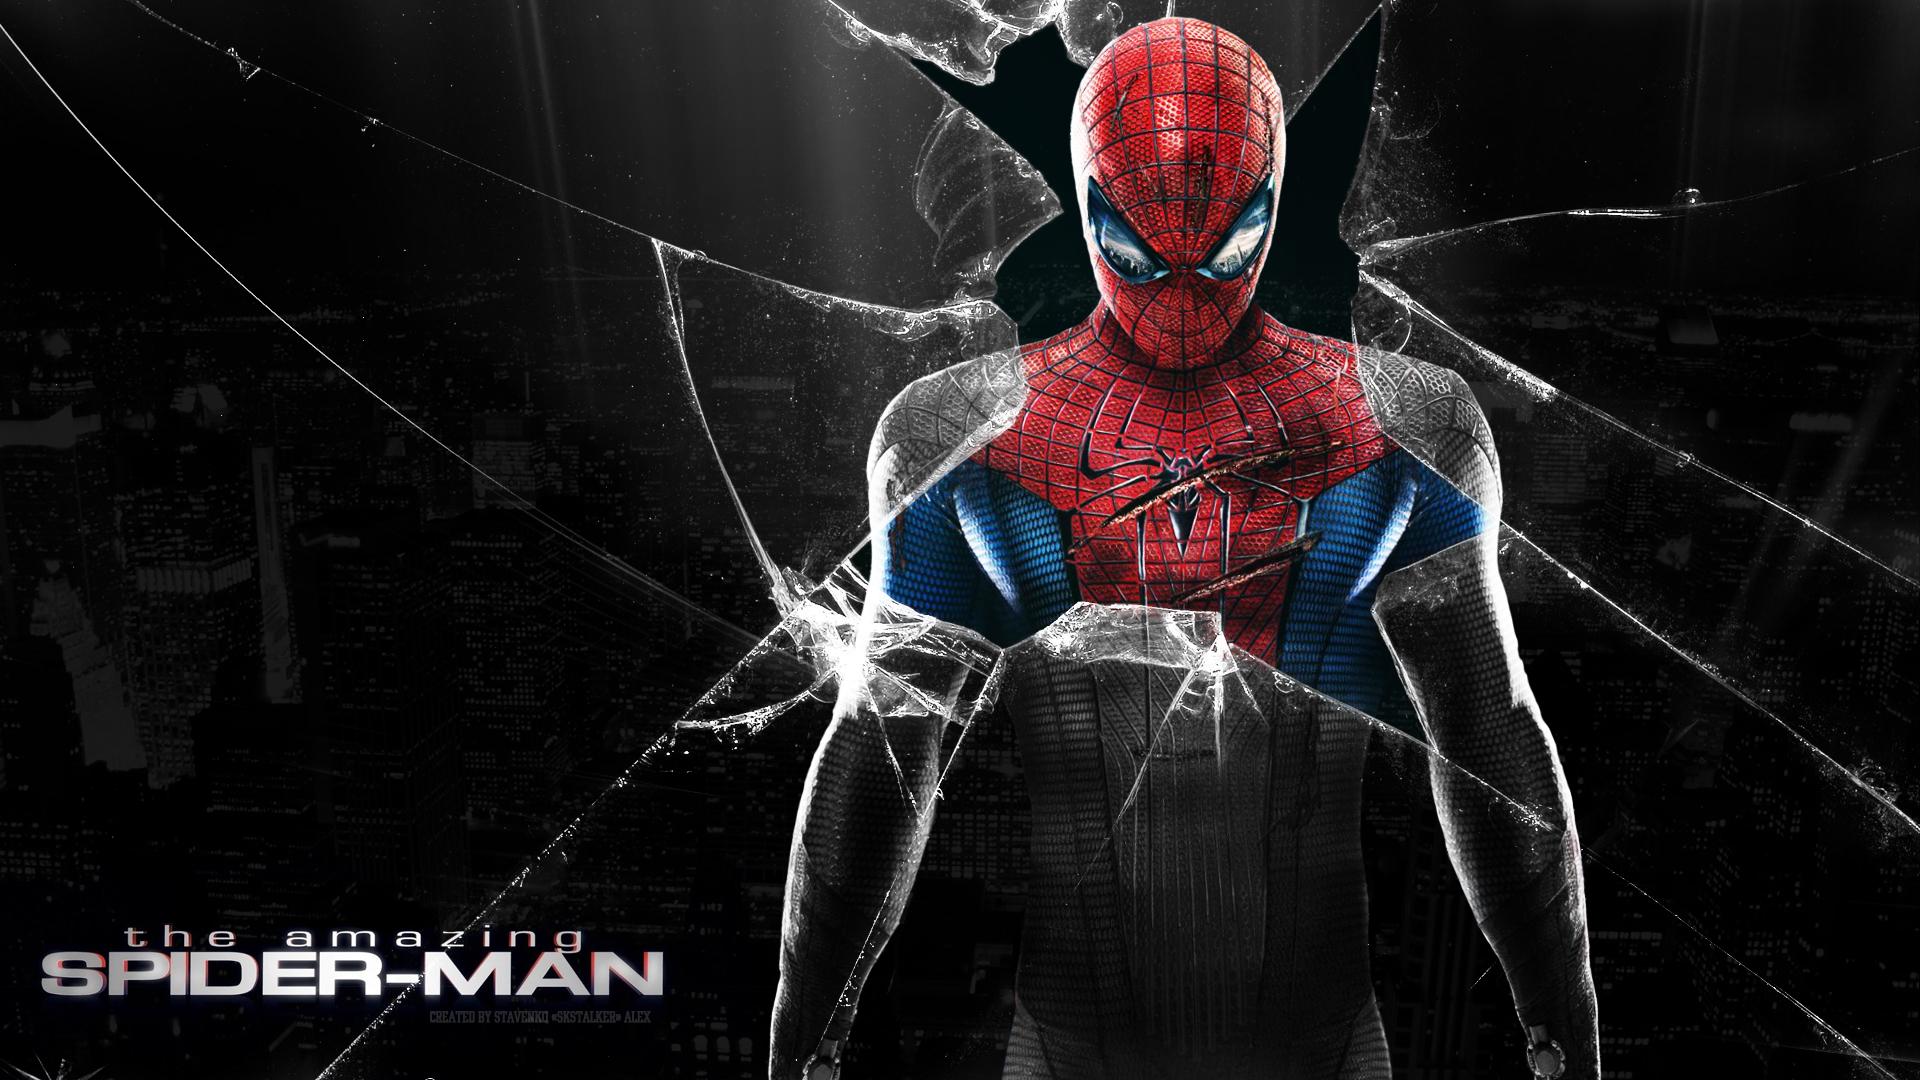 Popular Wallpaper Marvel Lizard - the_amazing_spider_man_wallpaper_by_skstalker-d4y3r1h  HD_463459.jpg